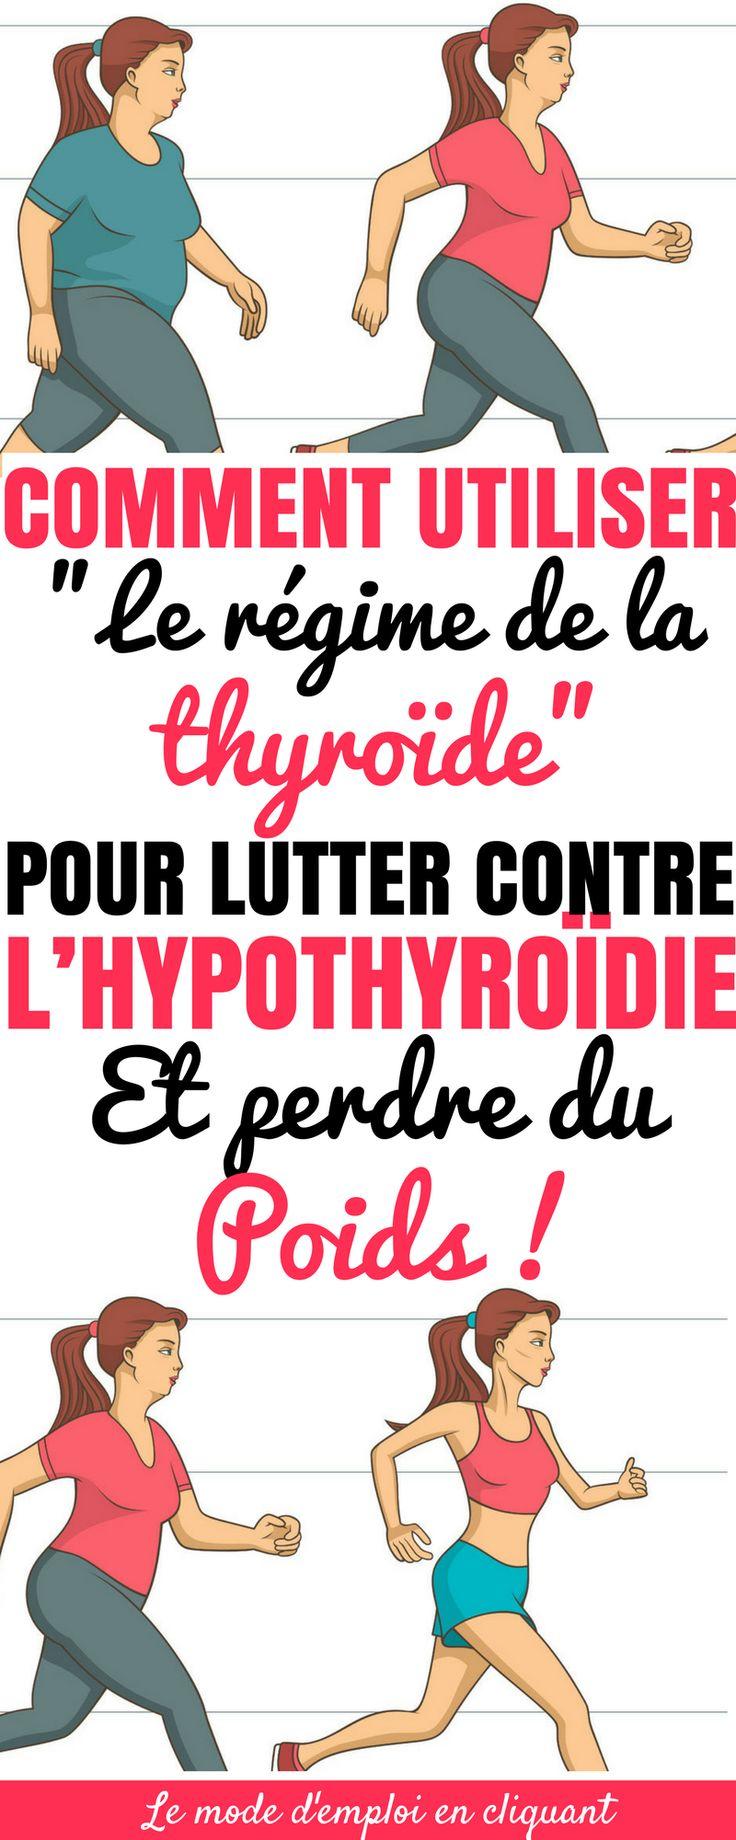 La glande thyroïde permet de réguler la façon dont les cellules de notre corps utilisent l'énergie de la nourriture dans le processus qu'on appelle métabolisme. Cela affecte également le rythme cardiaque, la température du corps et la façon dont notre corps brûle des calories. En fait, il existe deux principaux types de troubles thyroïdiens, qui sont l'hypothyroïdie et l'hyperthyroïdie. L'hypothyroïdie... #régime #perdredupoids #maigrir #maigrirsansstress #astuces #thyroide #hypothyroidie